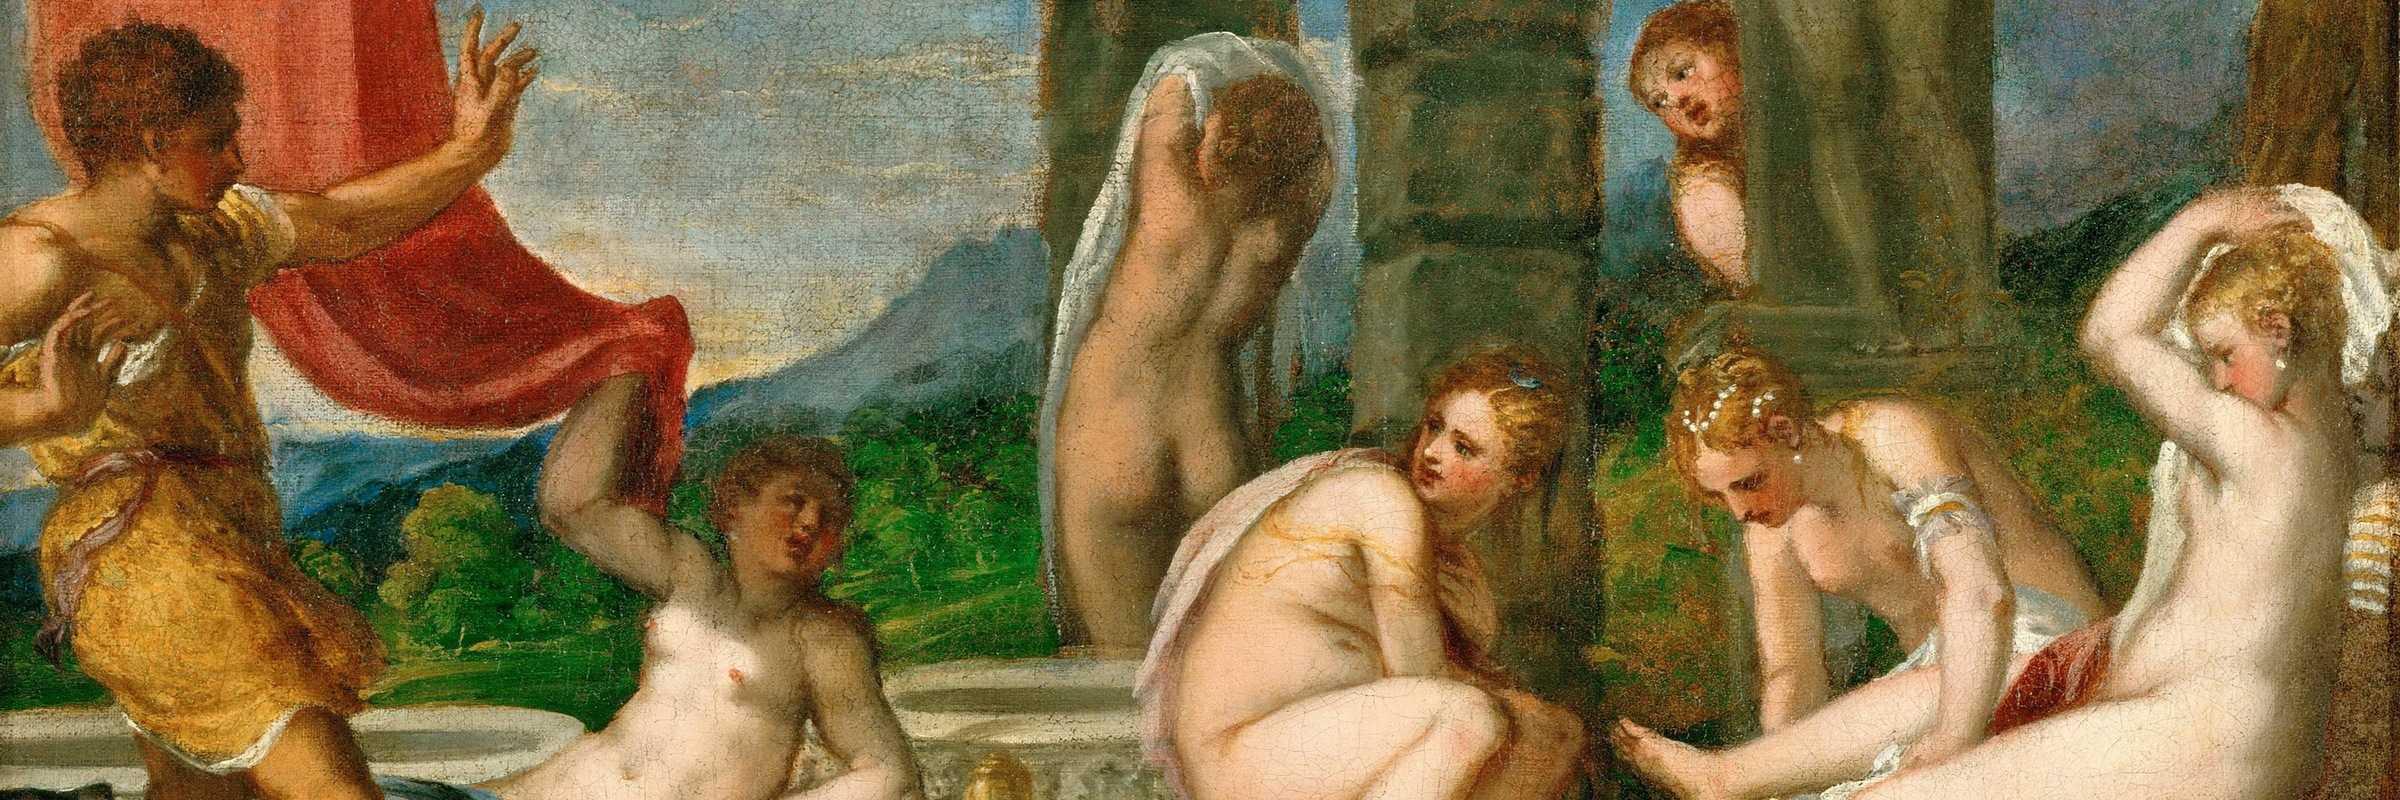 """Andrea Schiavone """"Diana e Atteone"""", 1559 – ca. olio su tela, cm 111 x 115 Vienna, Kunsthistorisches Museum Gemäldegalerie © Kunshistorisches Museum Vienna."""